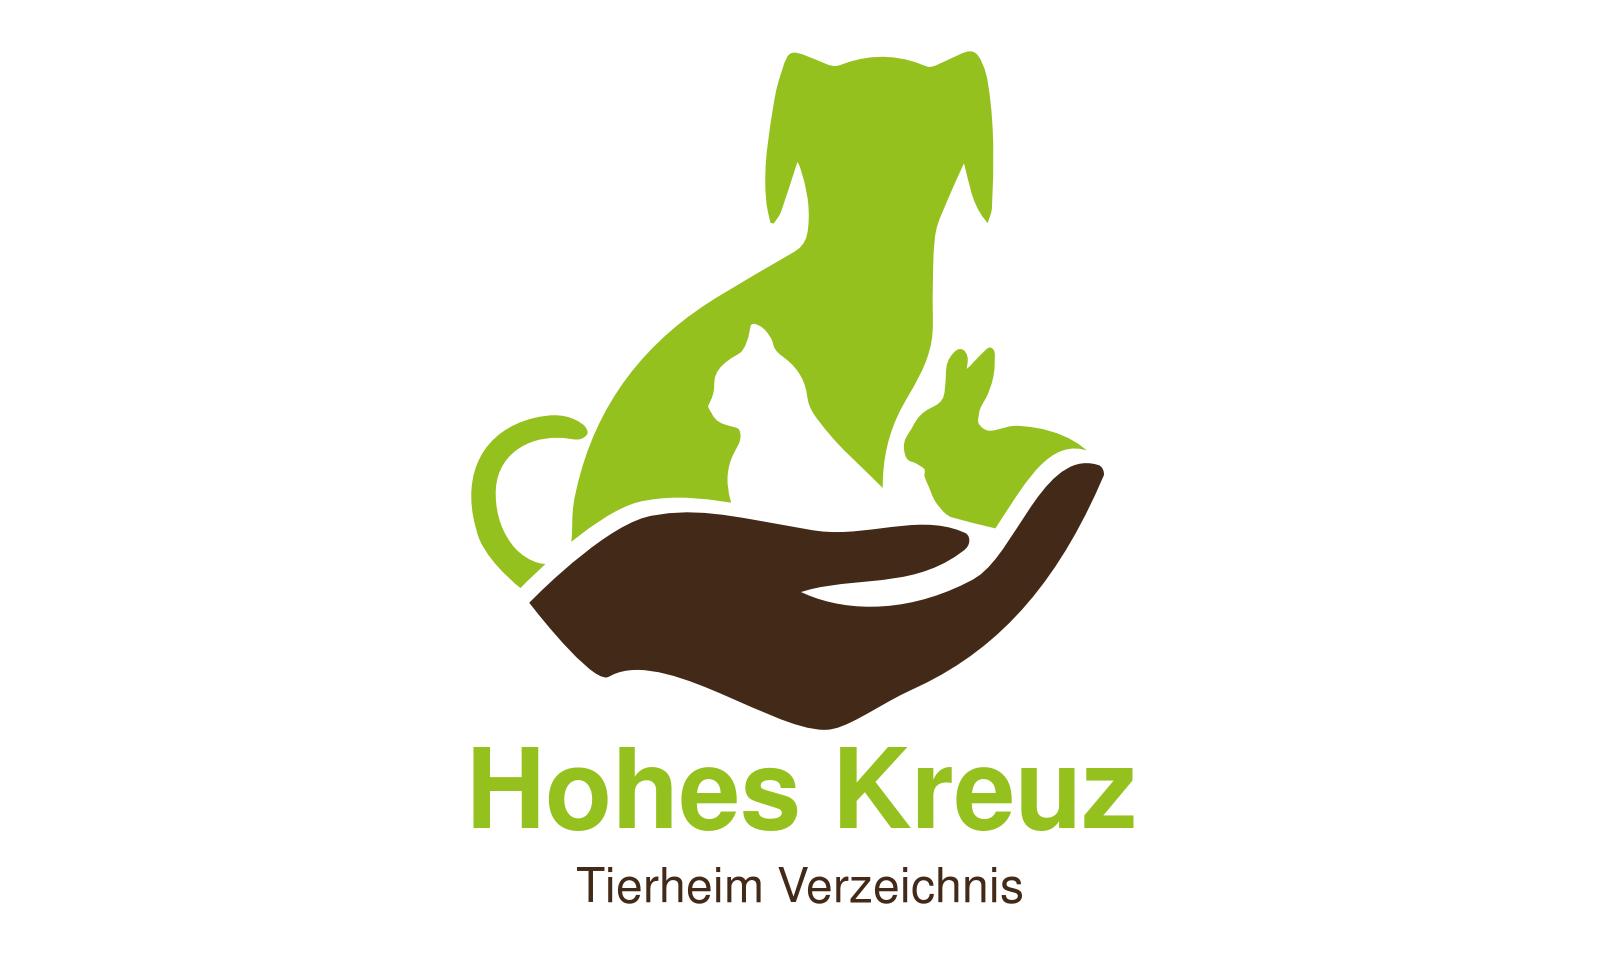 Tierheim Hohes Kreuz